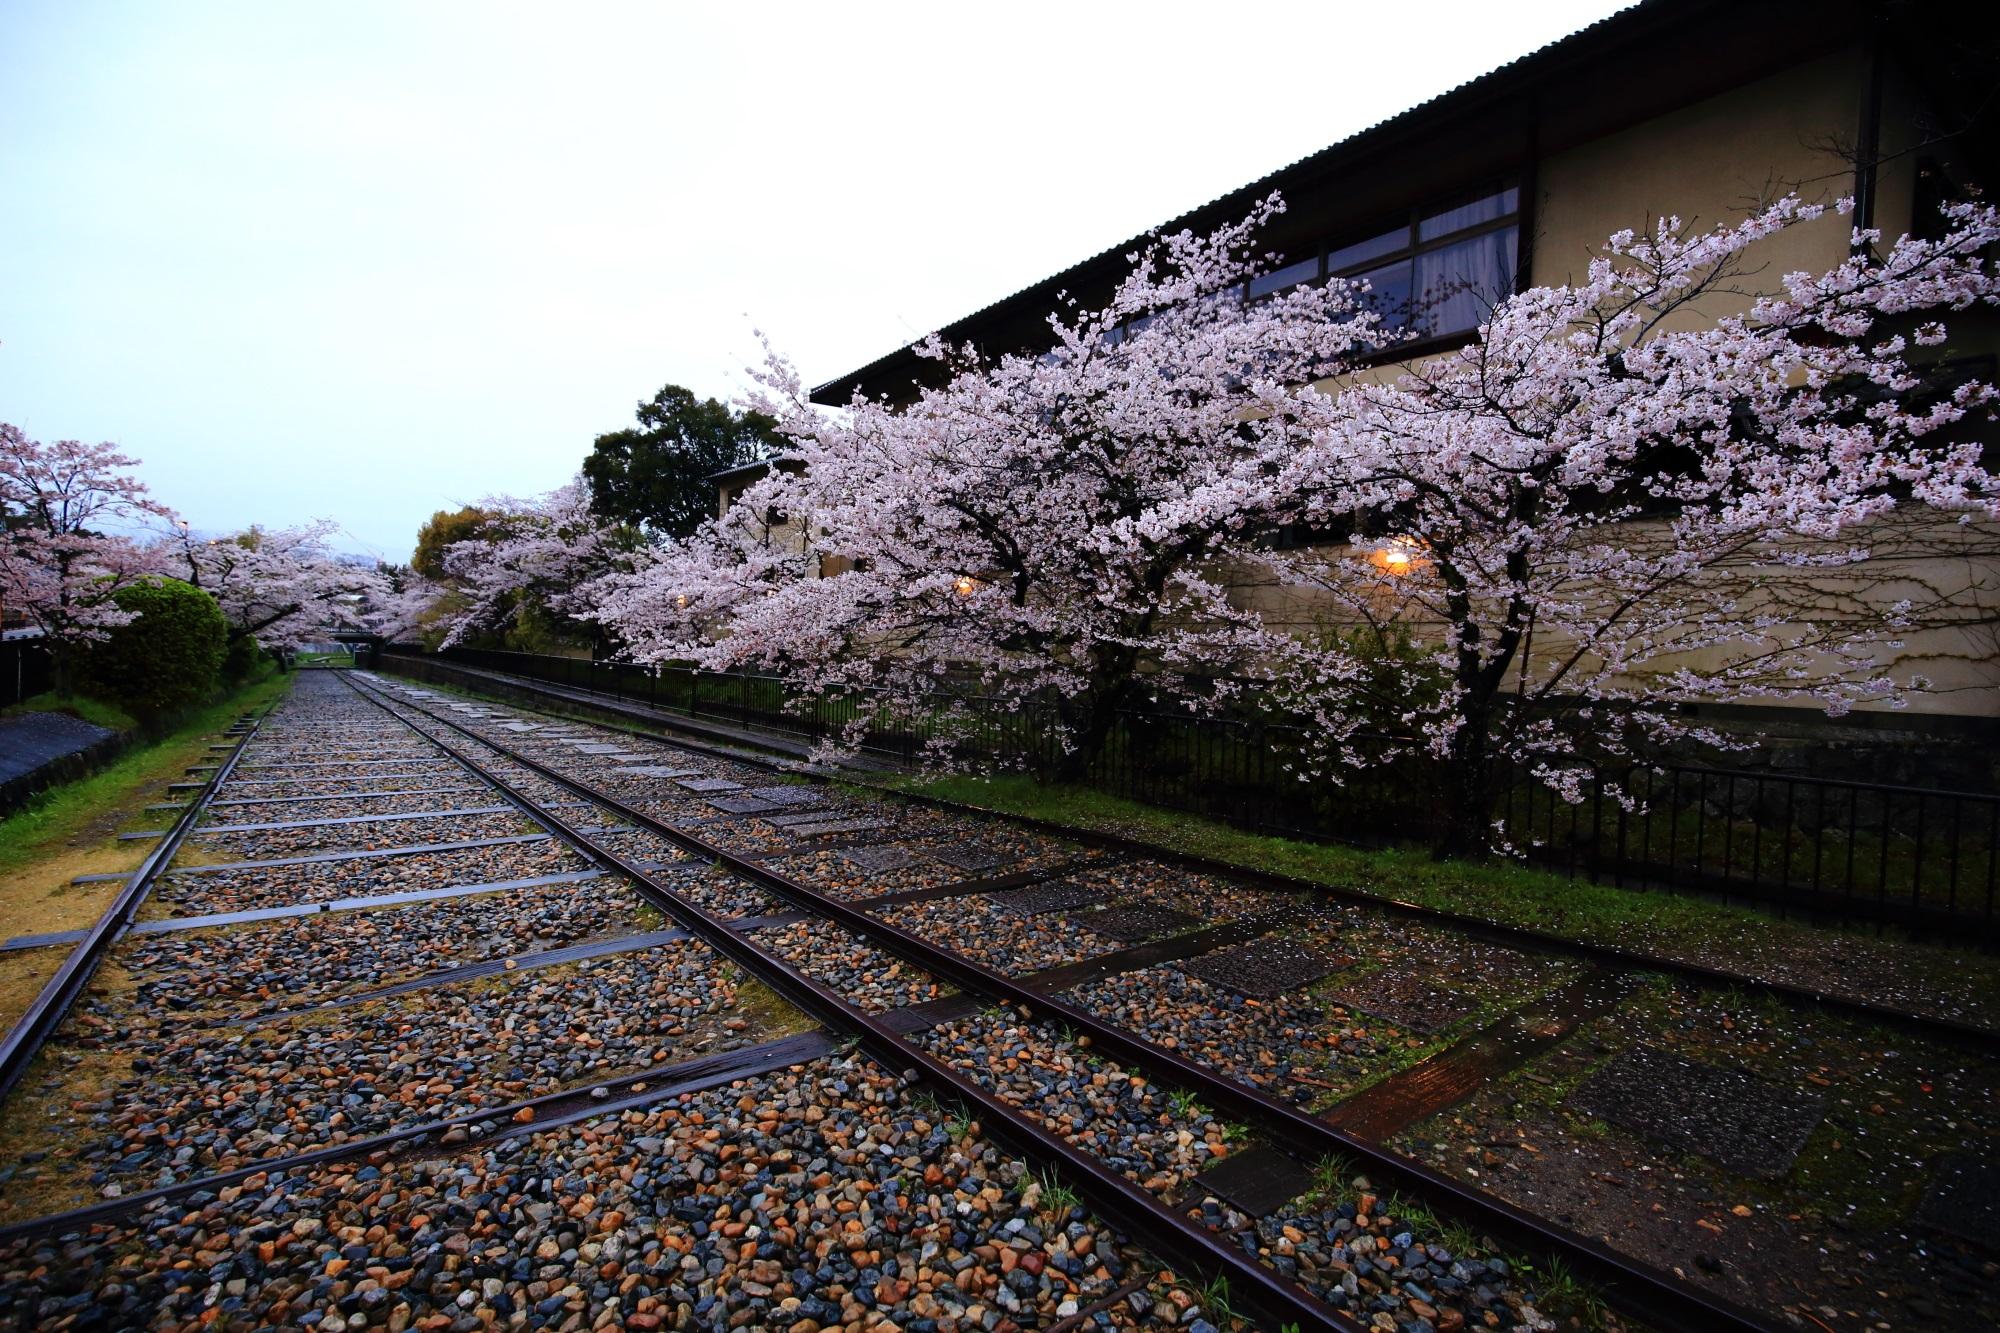 線路の上を優雅に咲き誇る桜